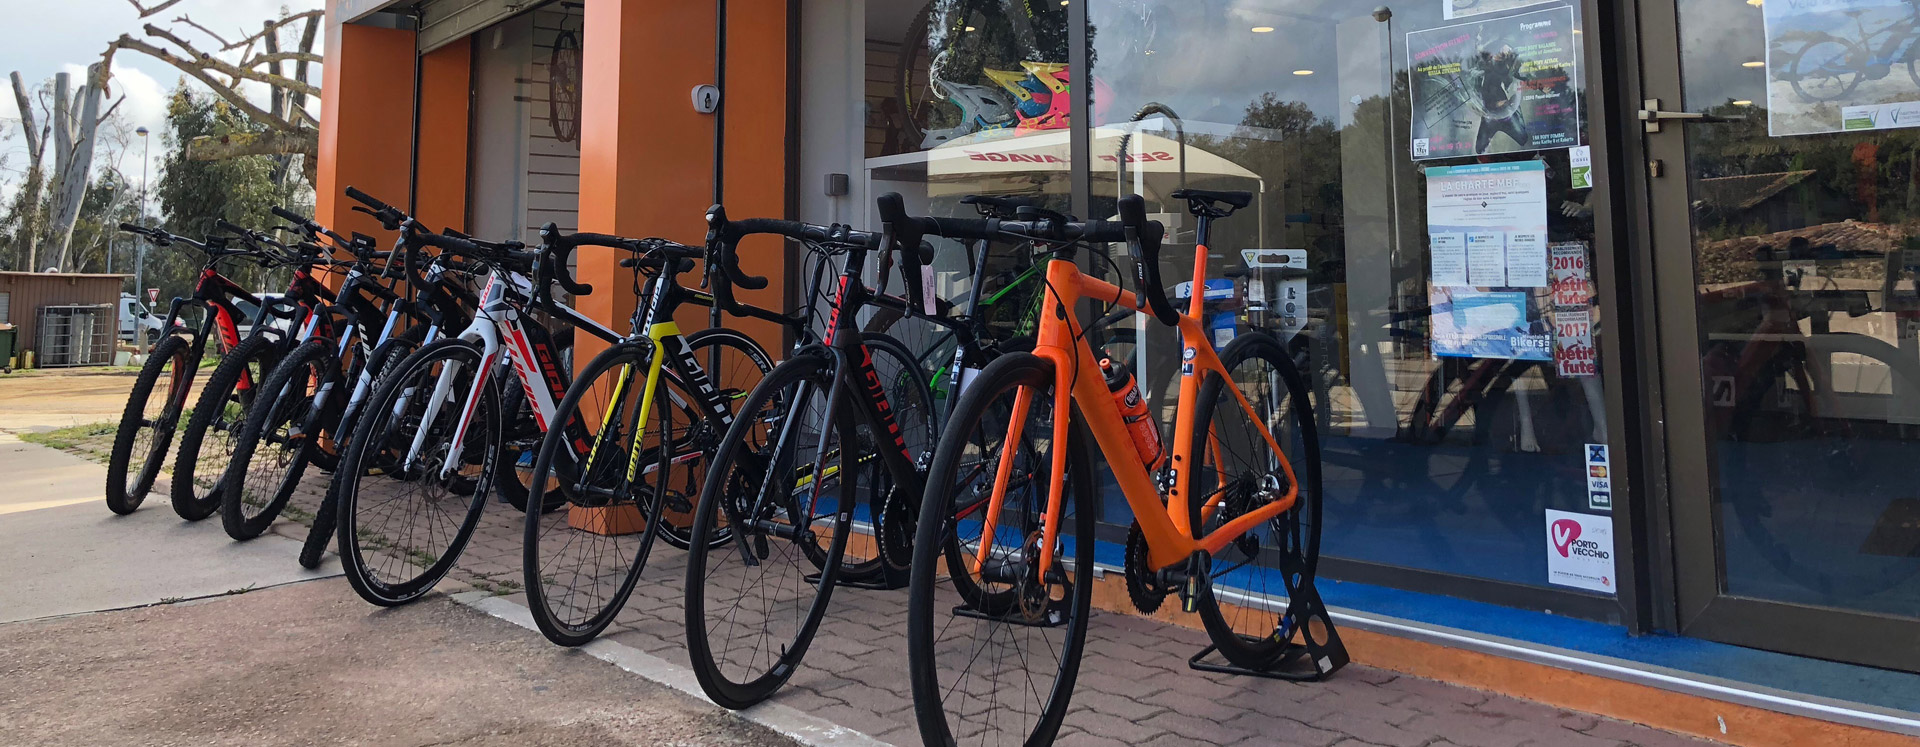 Magasin Vélo Porto Vecchio